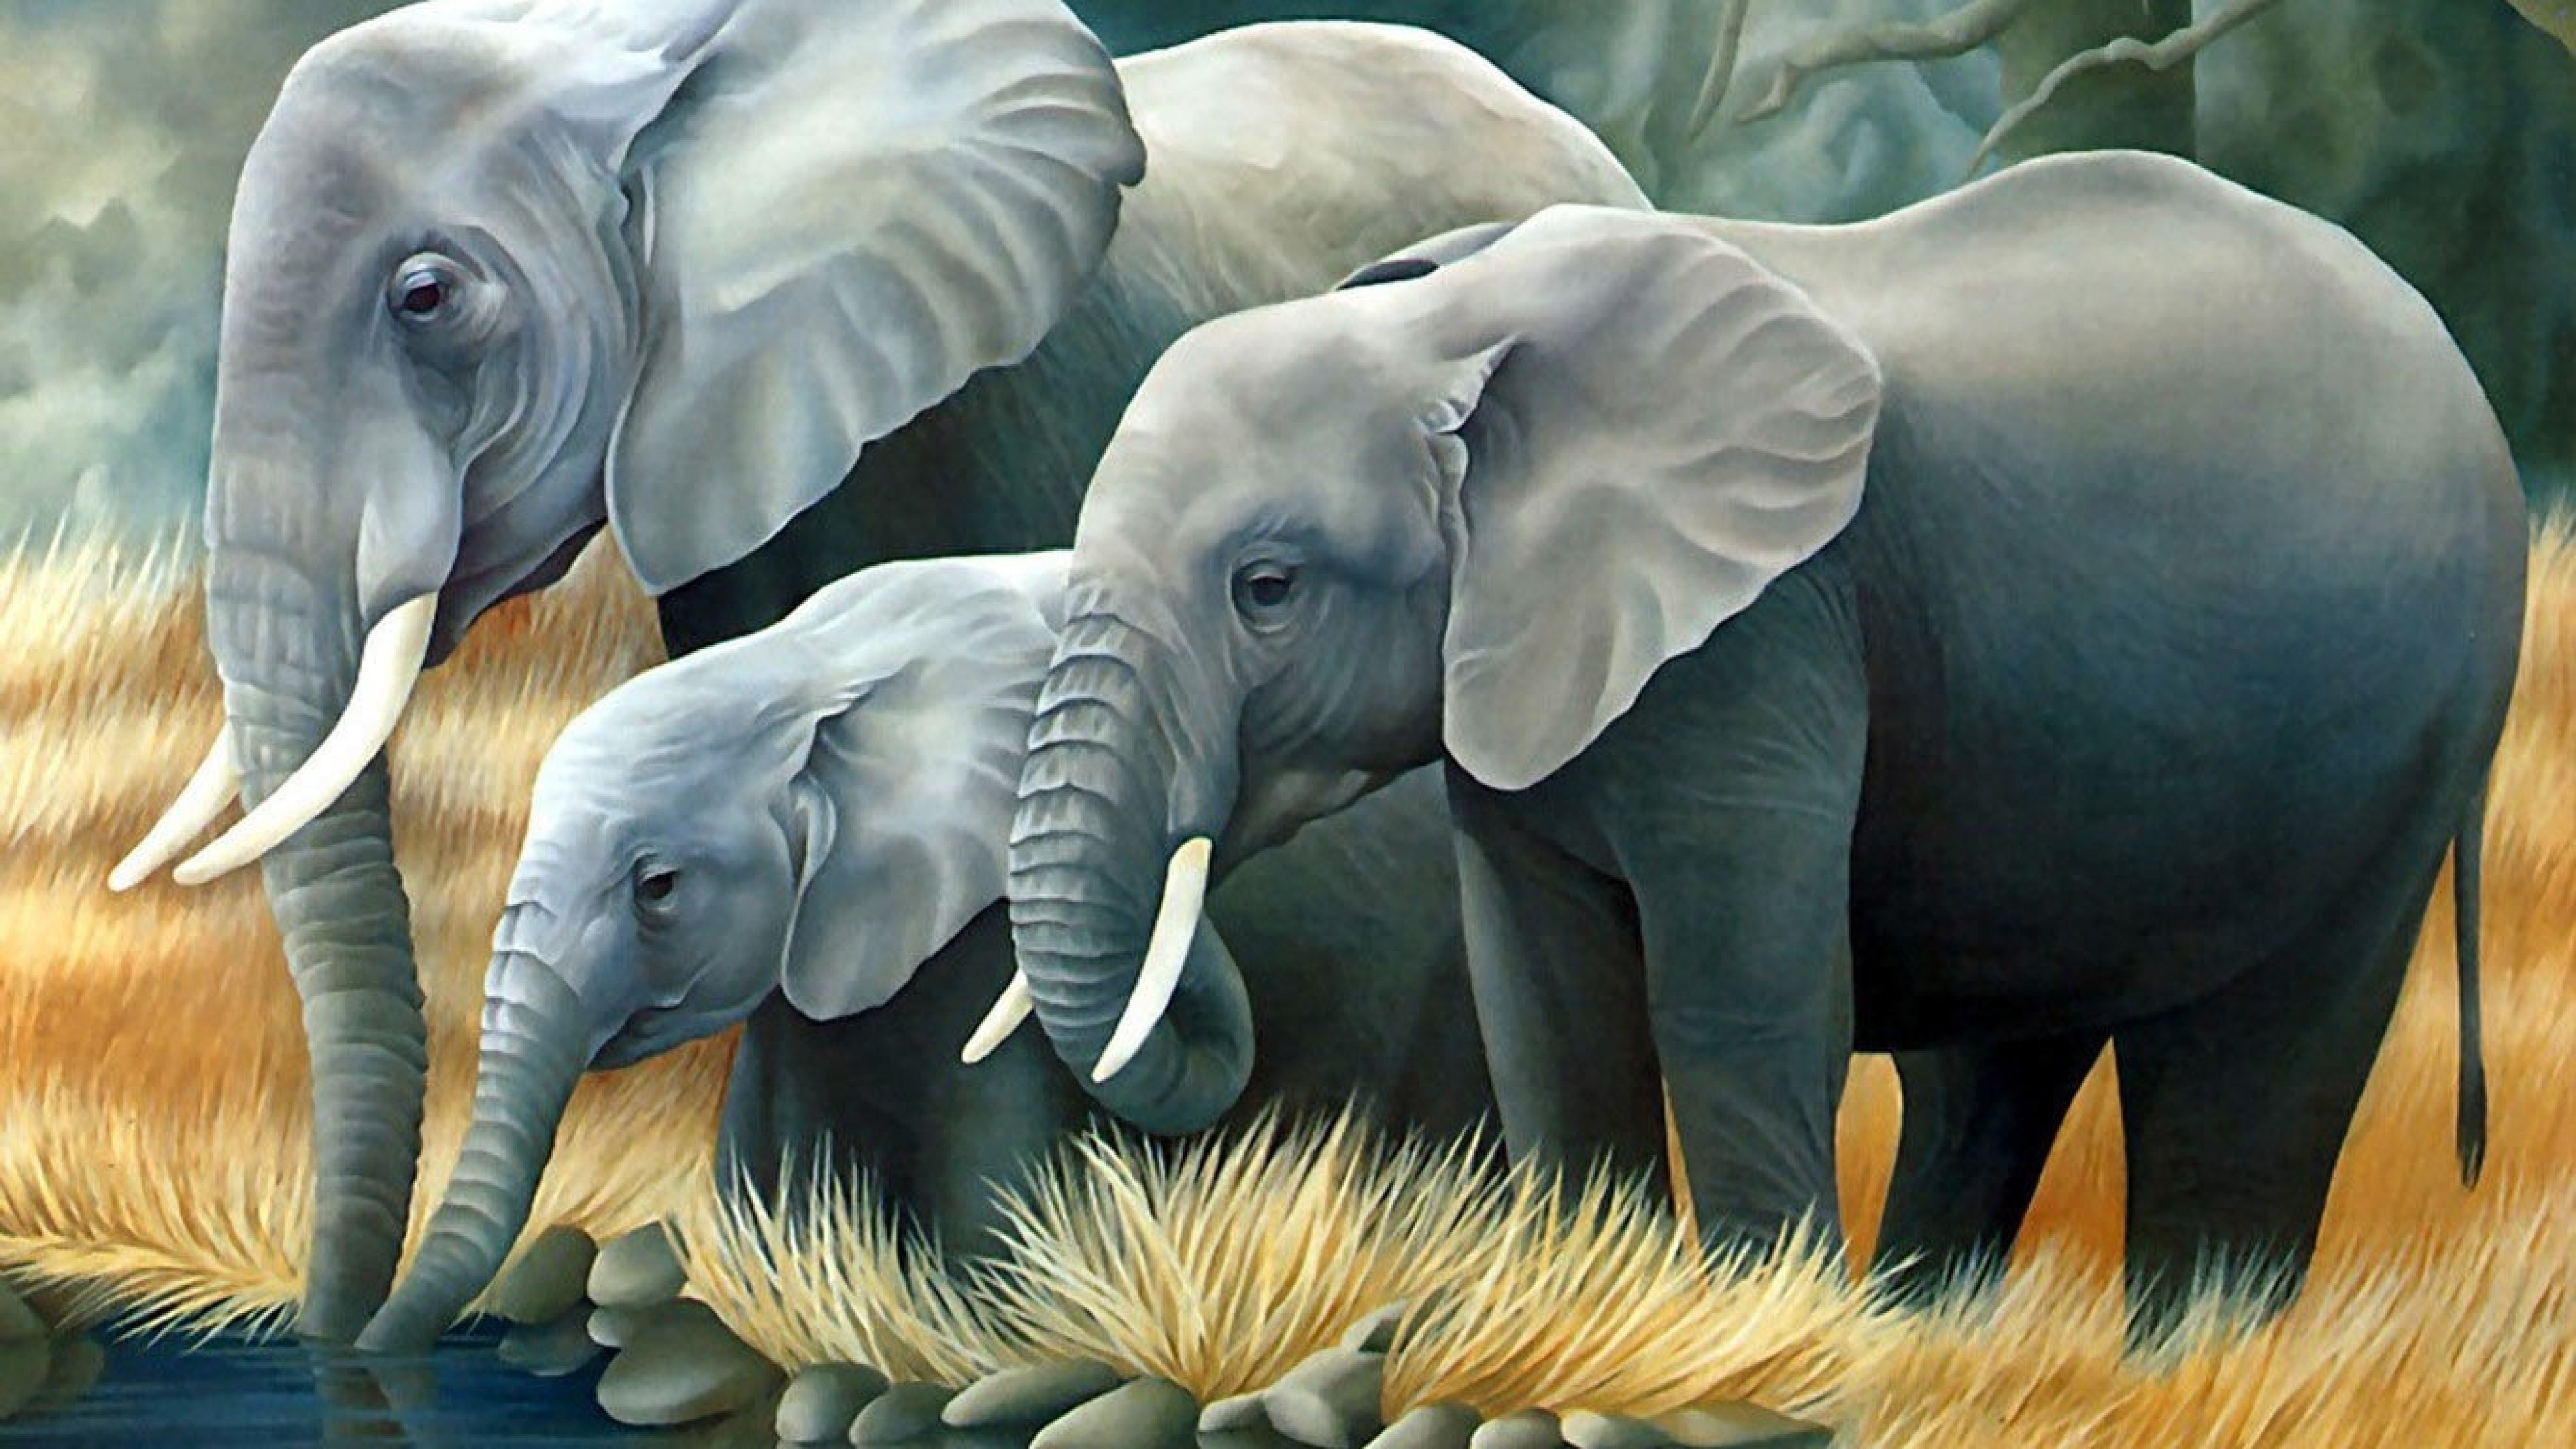 Res: 3840x2160, 4K Wallpaper of 3D Elephant